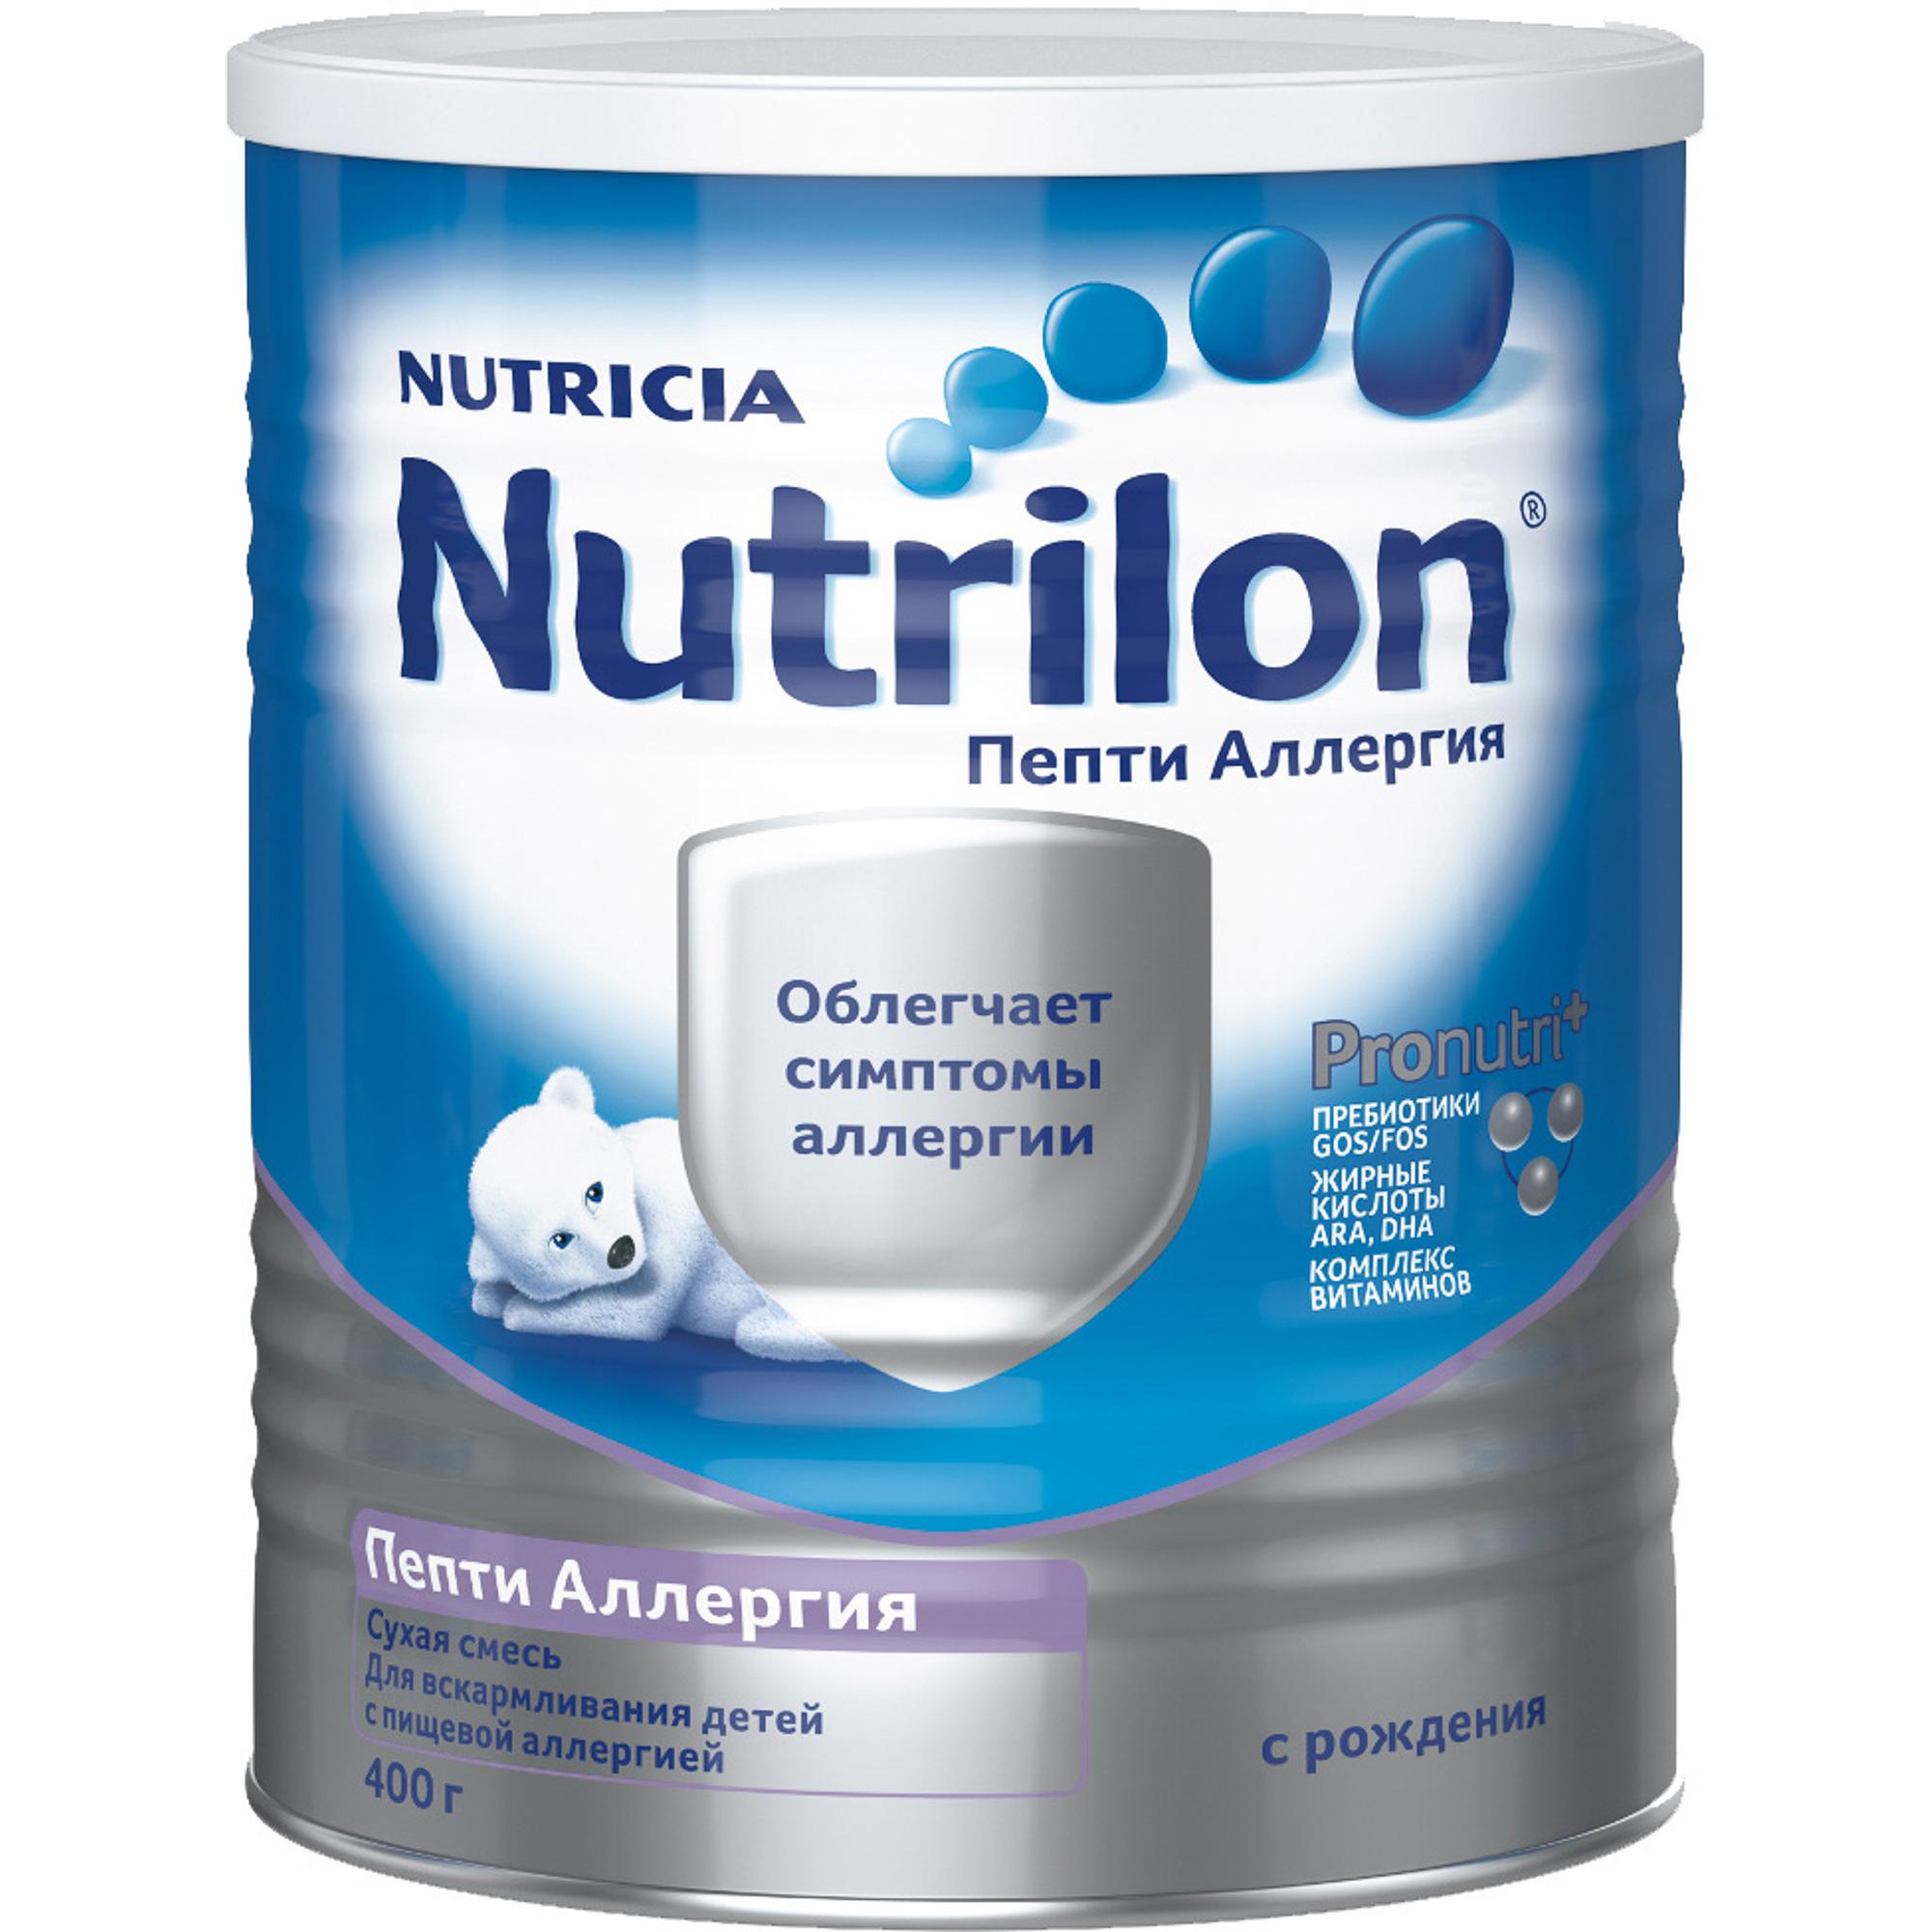 Смесь молочная Nutrilon Пепти Аллергия с рождения 400 г молочная смесь nutricia nutrilon nutricia 1 premium c рождения 800 г